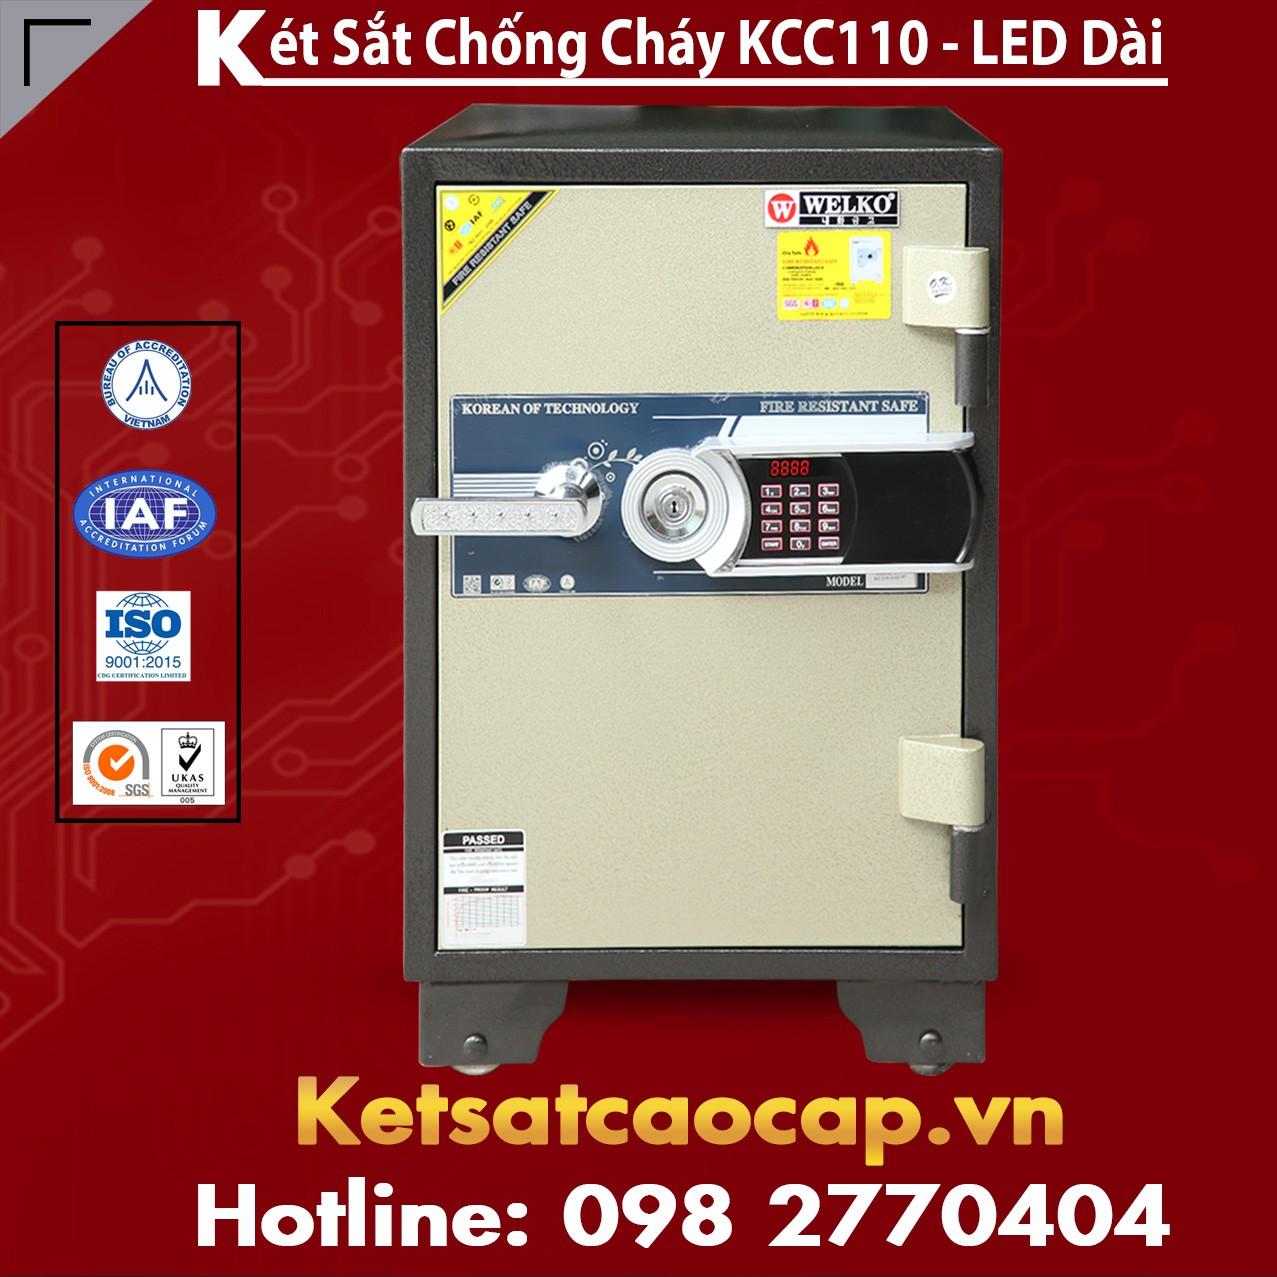 Két Sắt Văn Phòng Cao Cấp WELKO KCC110 - Led Dài